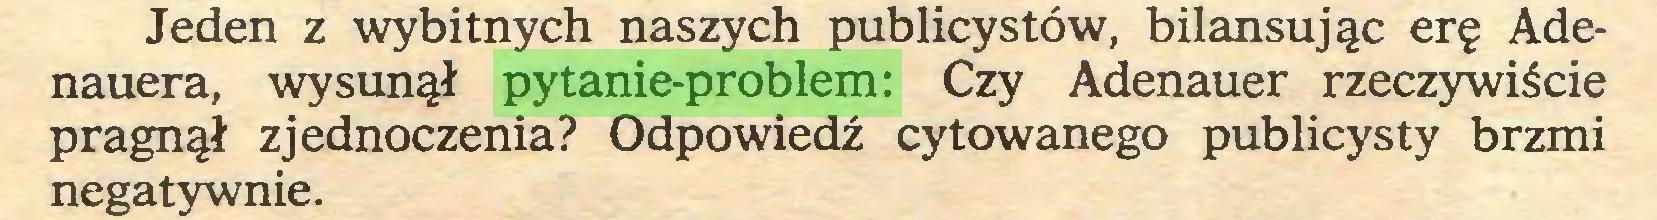 (...) Jeden z wybitnych naszych publicystów, bilansując erę Adenauera, wysunął pytanie-problem: Czy Adenauer rzeczywiście pragnął zjednoczenia? Odpowiedź cytowanego publicysty brzmi negatywnie...